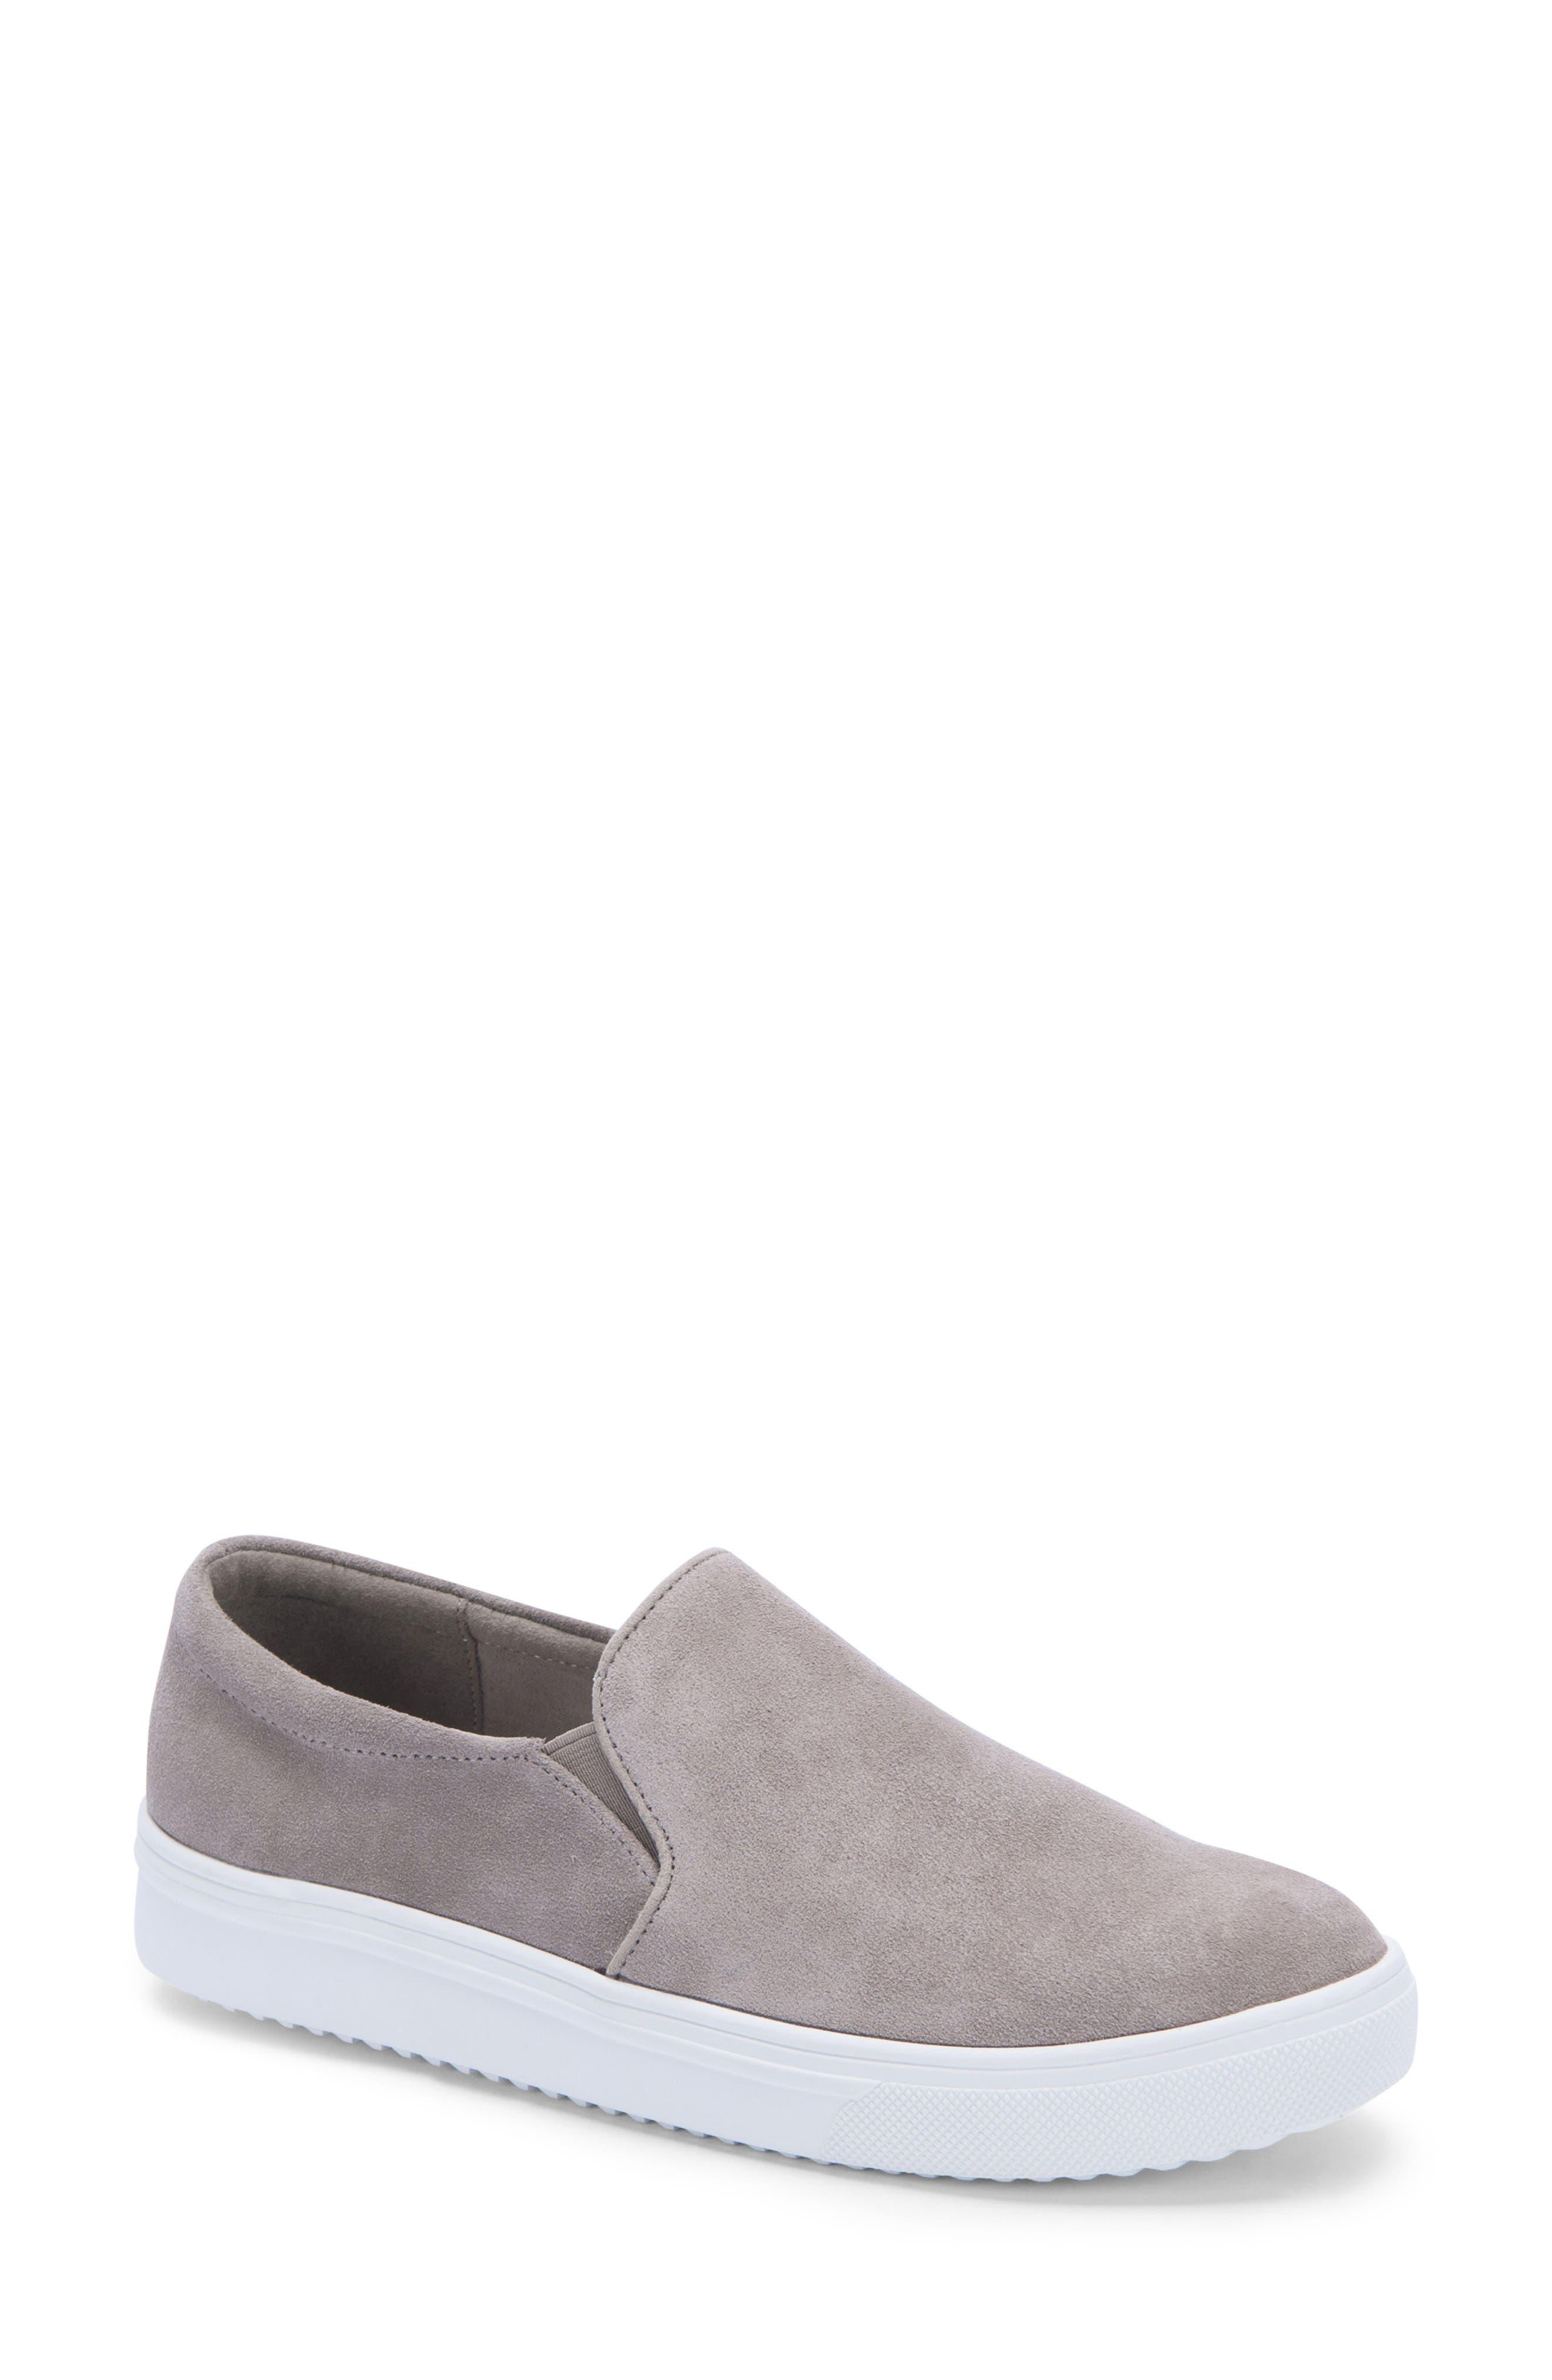 BLONDO Gracie Waterproof Slip-On Sneaker, Main, color, MUSHROOM SUEDE